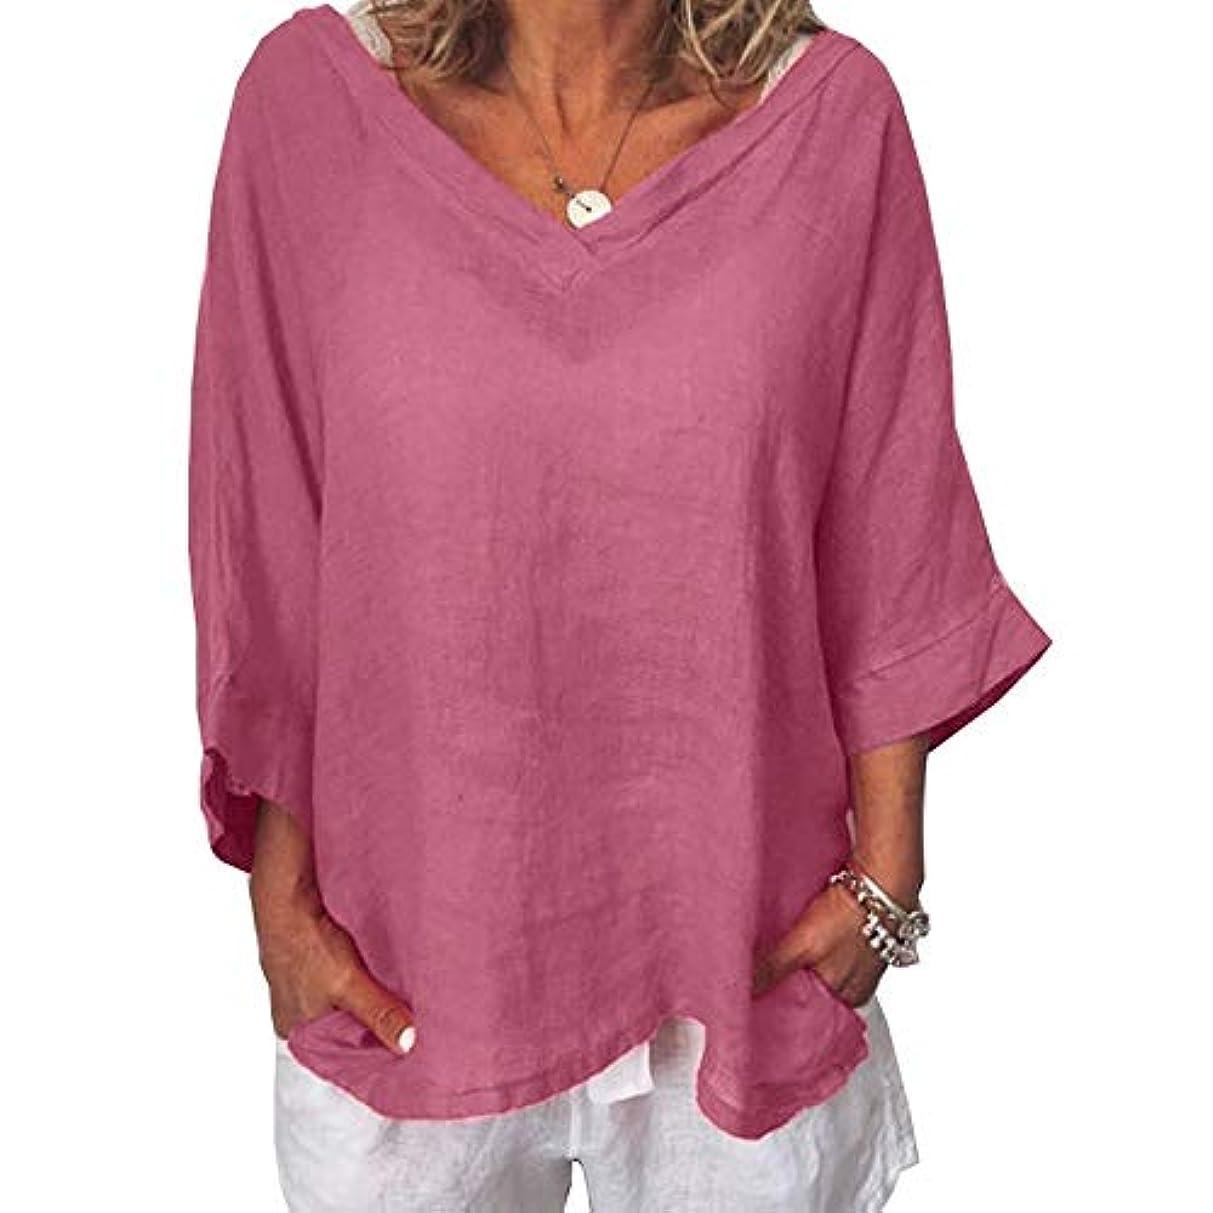 金銭的な円形の同盟MIFAN女性ファッションカジュアルVネックトップス無地長袖Tシャツルーズボヘミアンビーチウェア